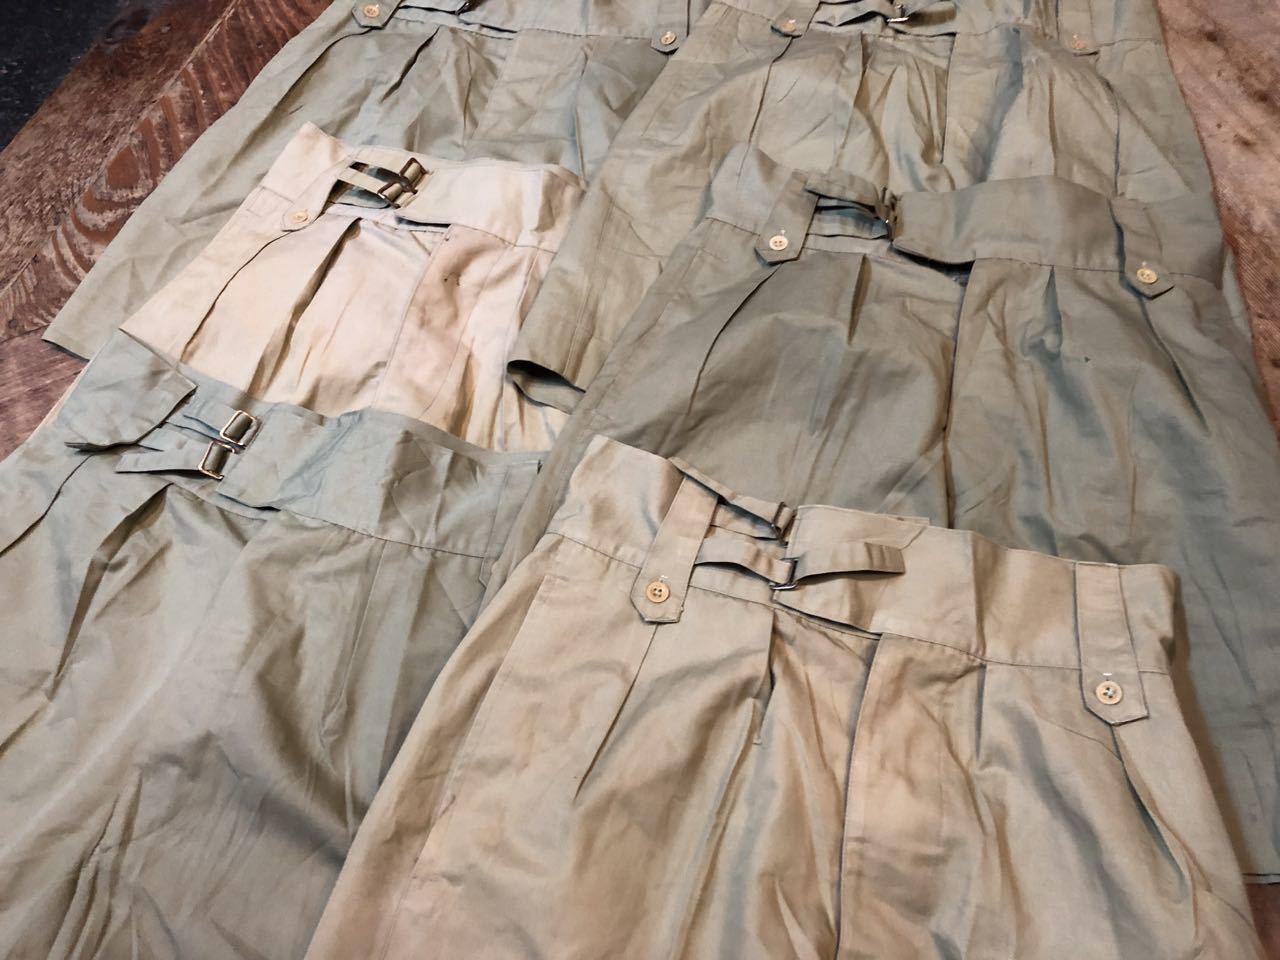 6月22日(土)入荷! all cotton 60−70s U.S スタンプ グルカショーツ!_c0144020_16092797.jpg